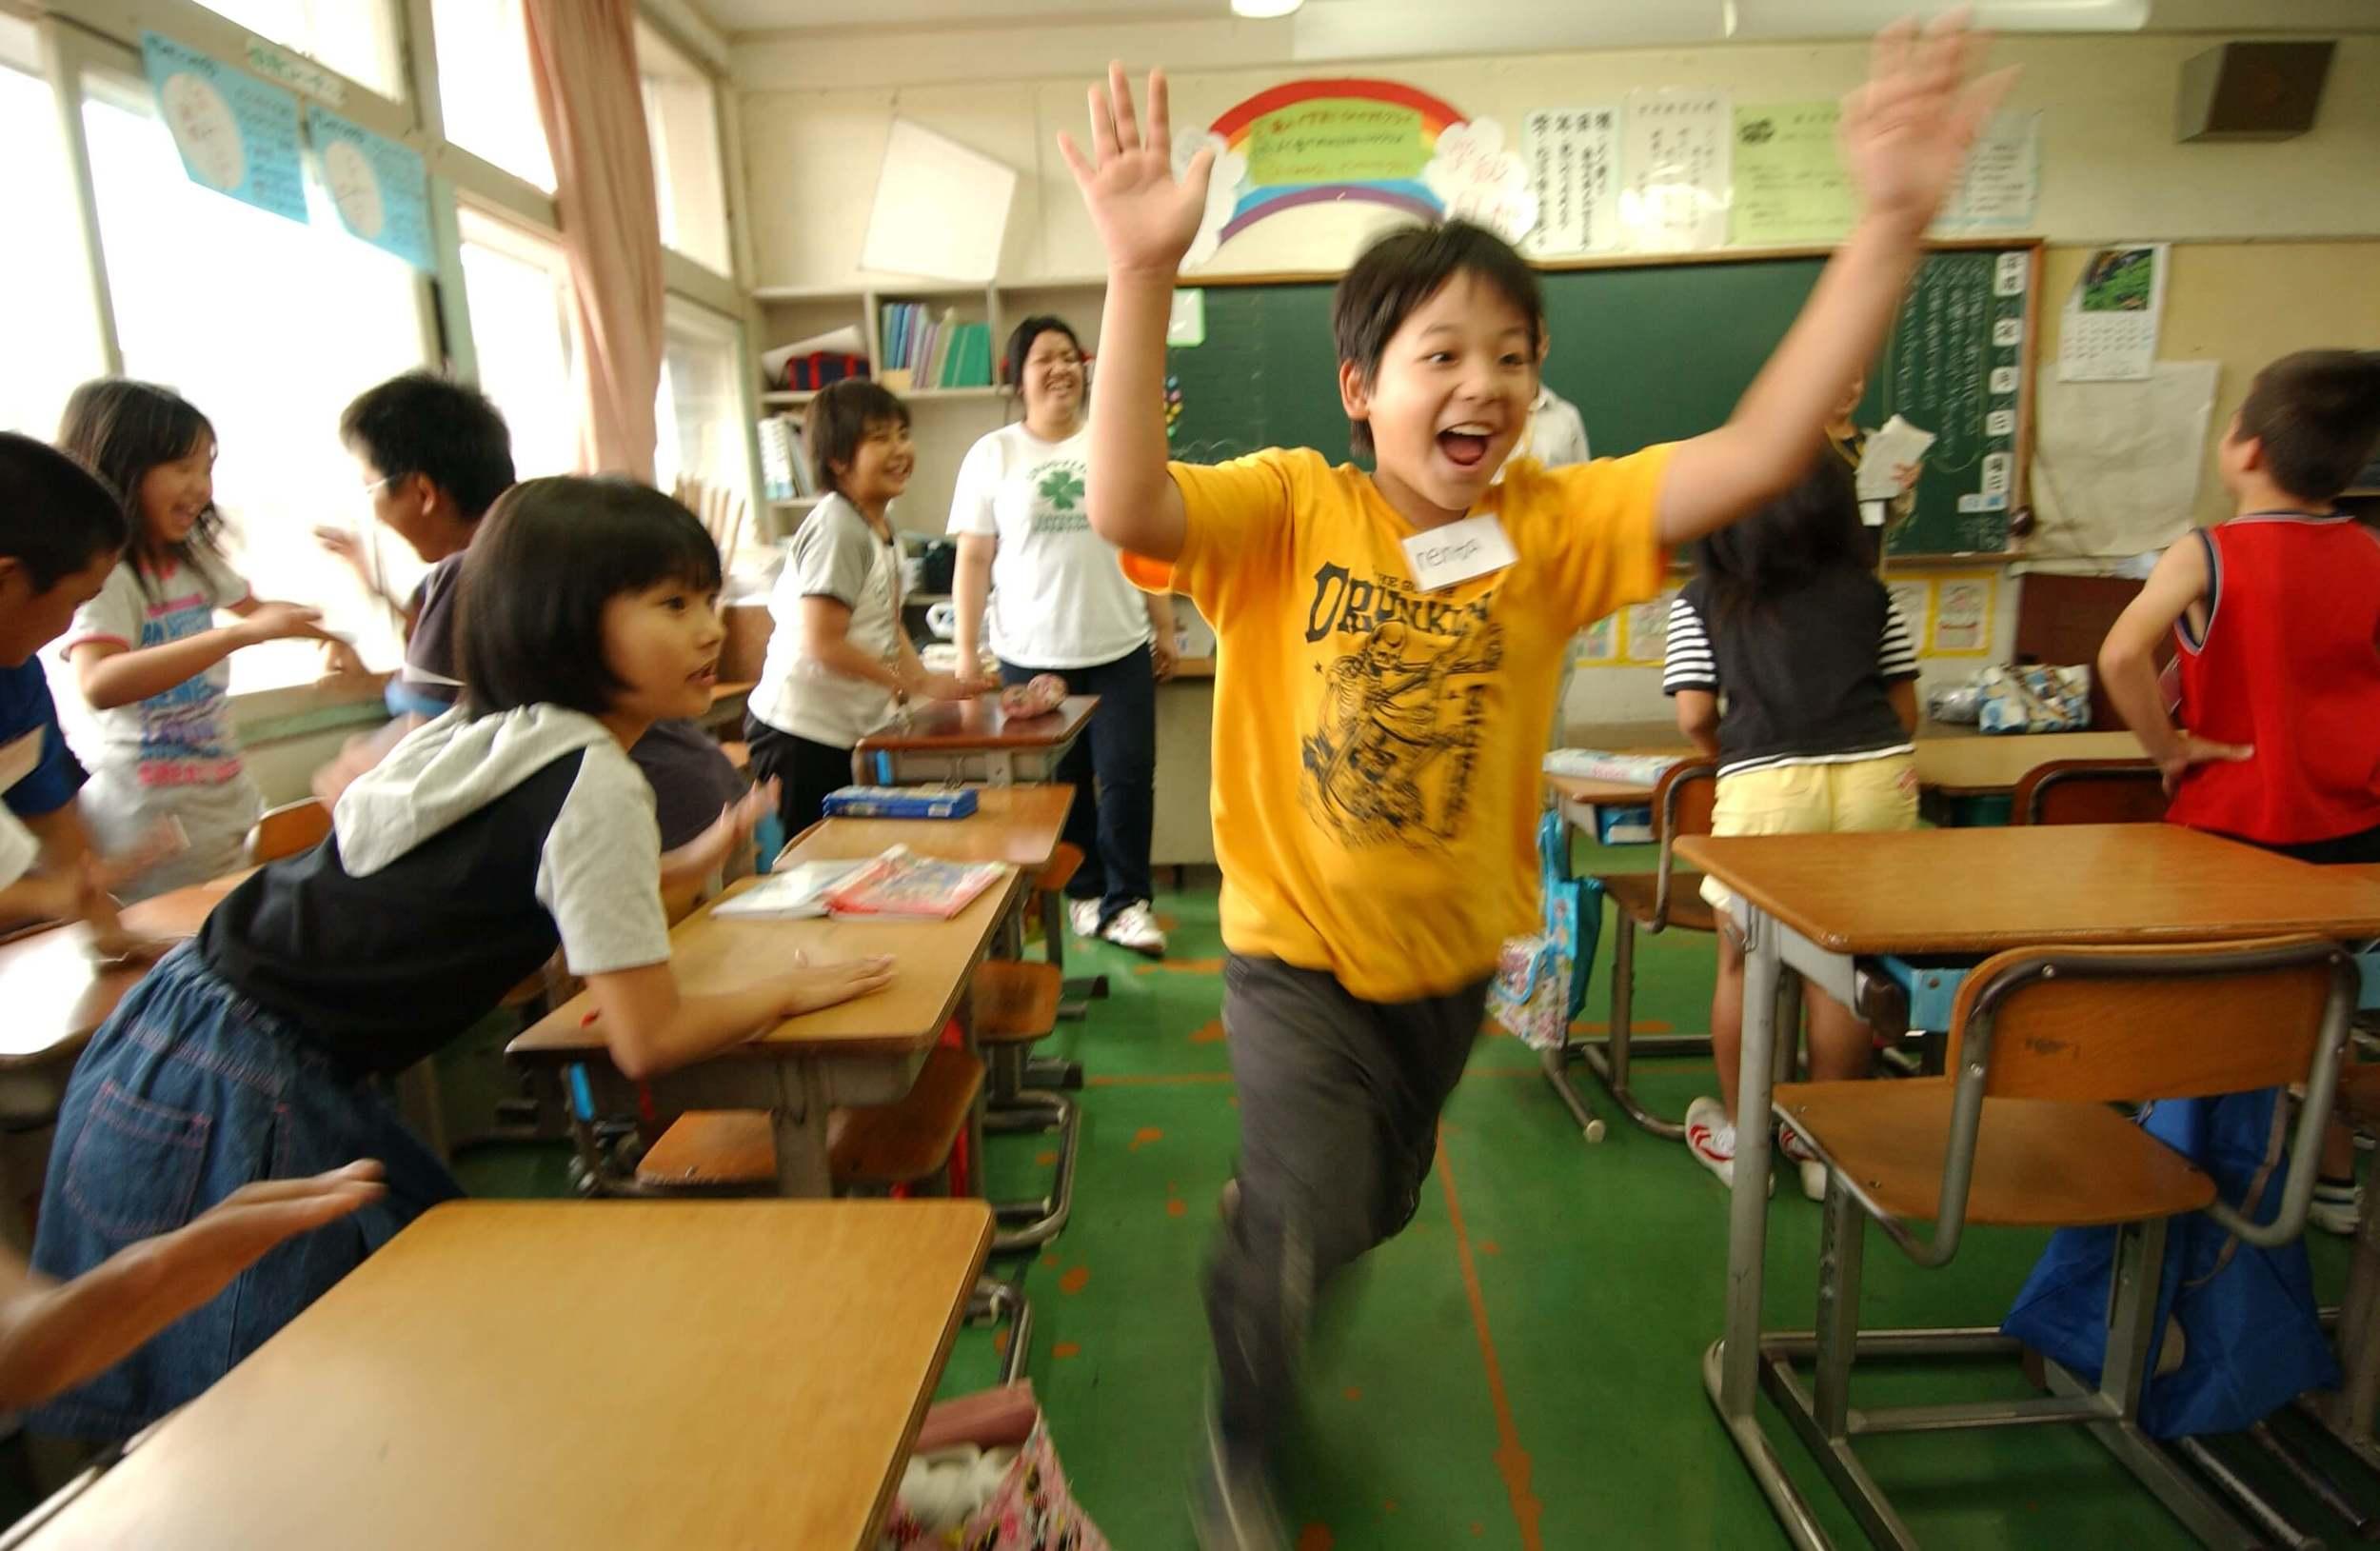 happy kids in classroom